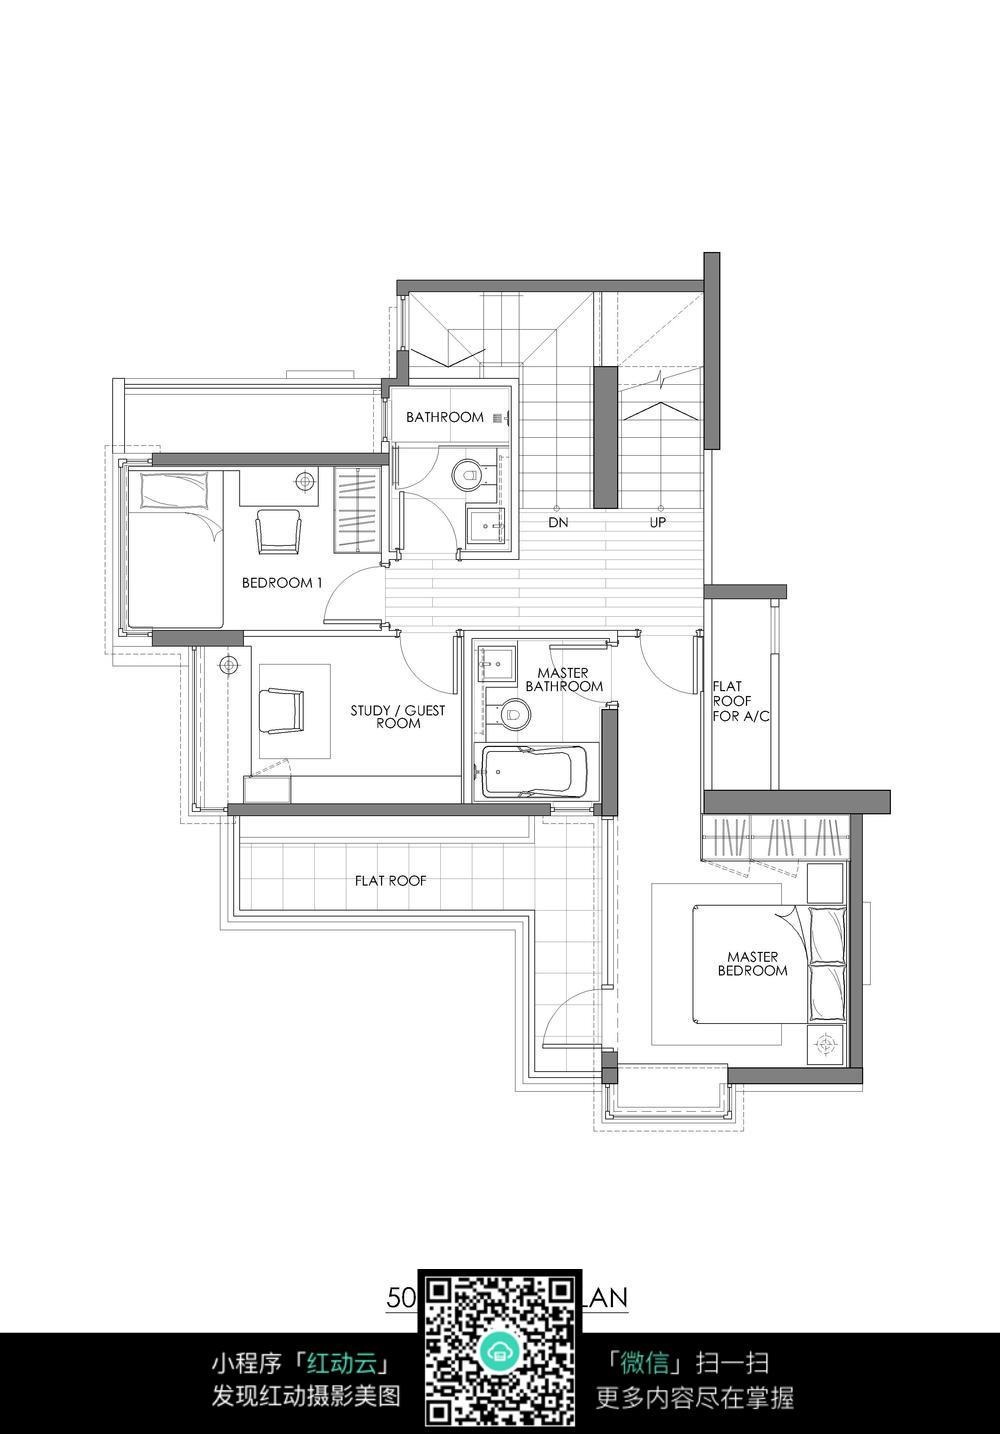 楼房cad建筑图纸图片免费下载_红动网